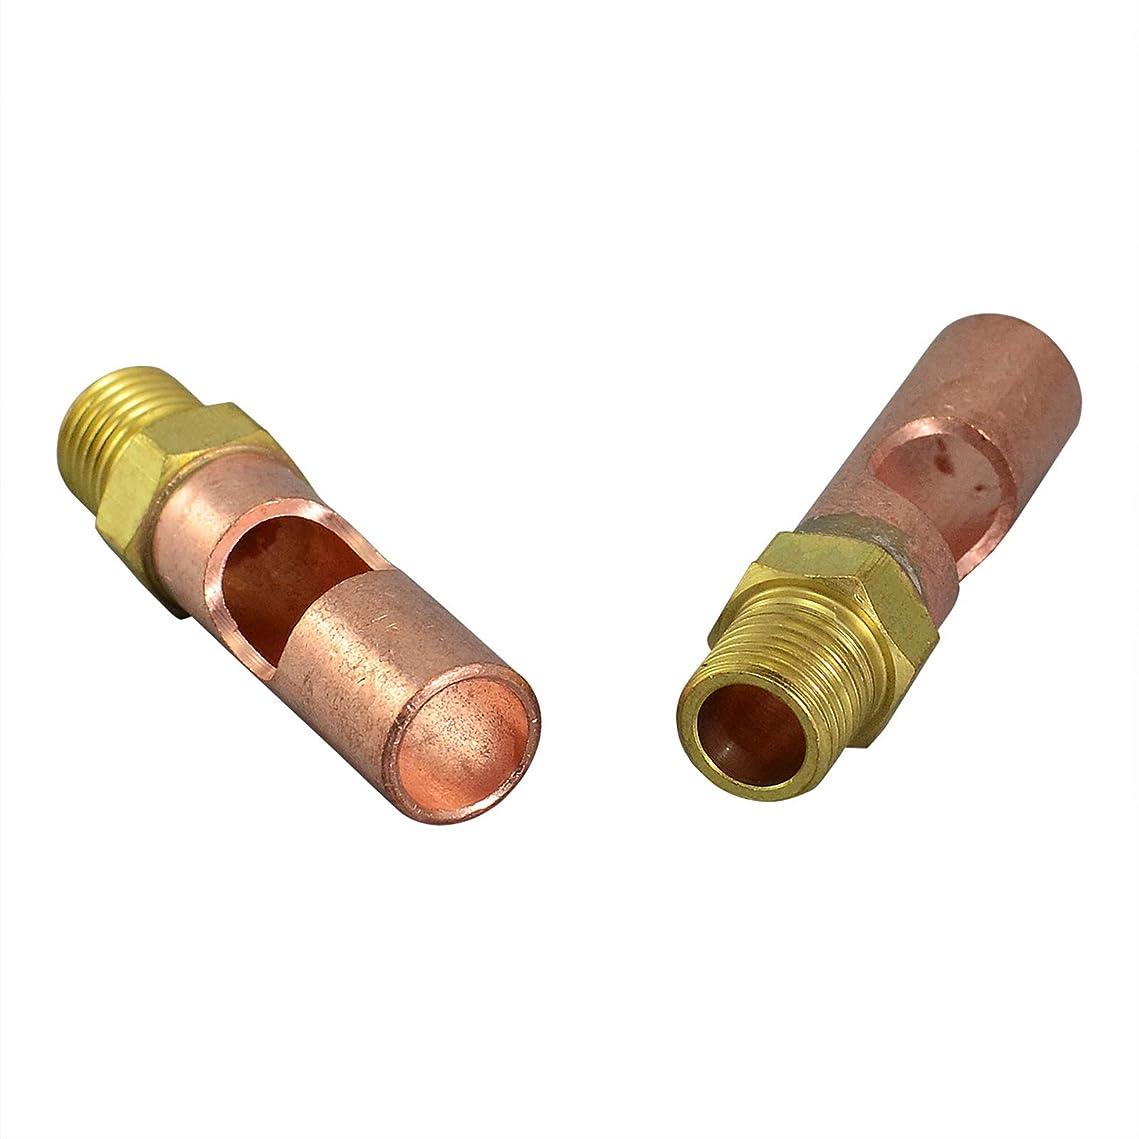 陽気なタイトル適応2個 C17-1 フロントアダプタ WP-17 WP-9 WP-24G TIG 溶接トーチ